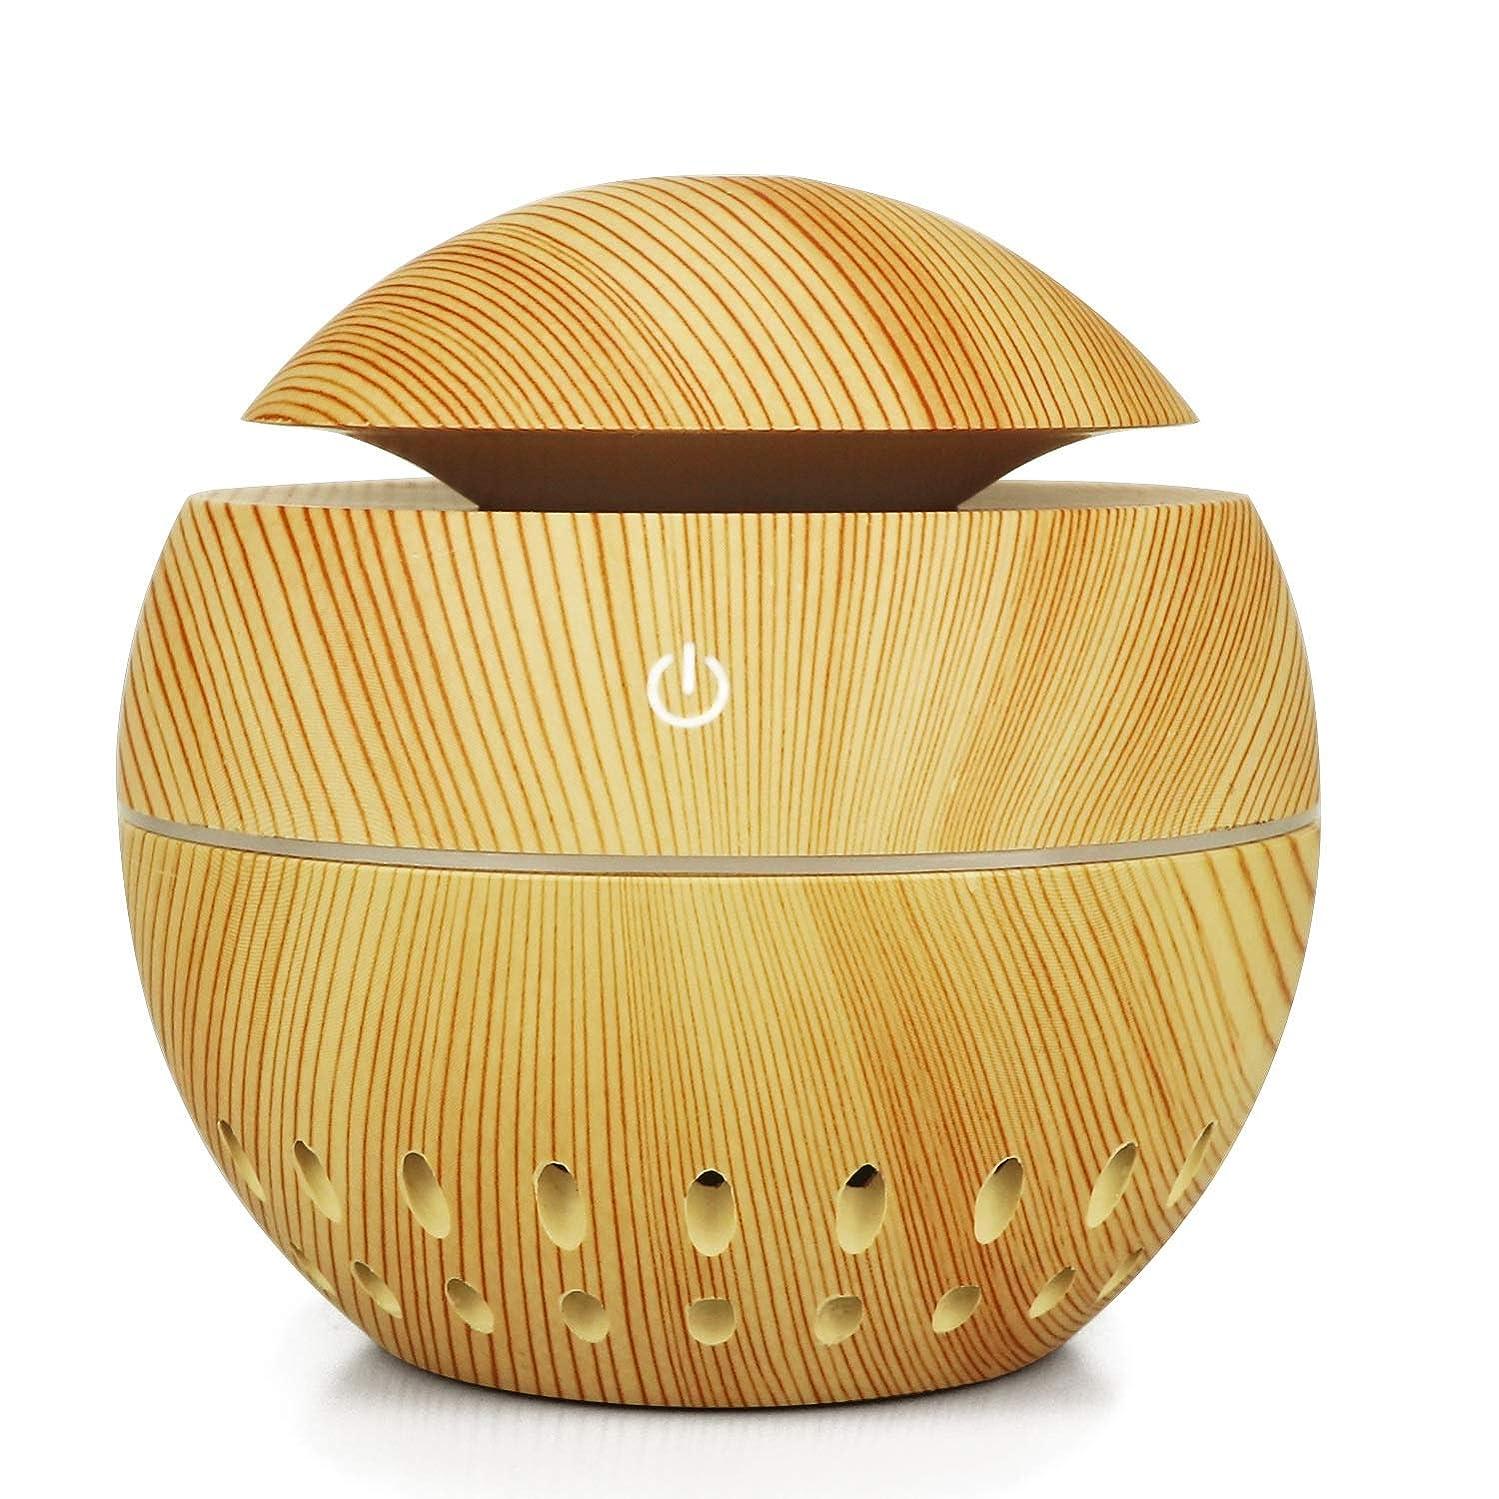 半導体泥棒いつも加湿器USBウッドグレイン中空加湿器きのこマシン総本店小型家電、ブラウン (Color : Brass)